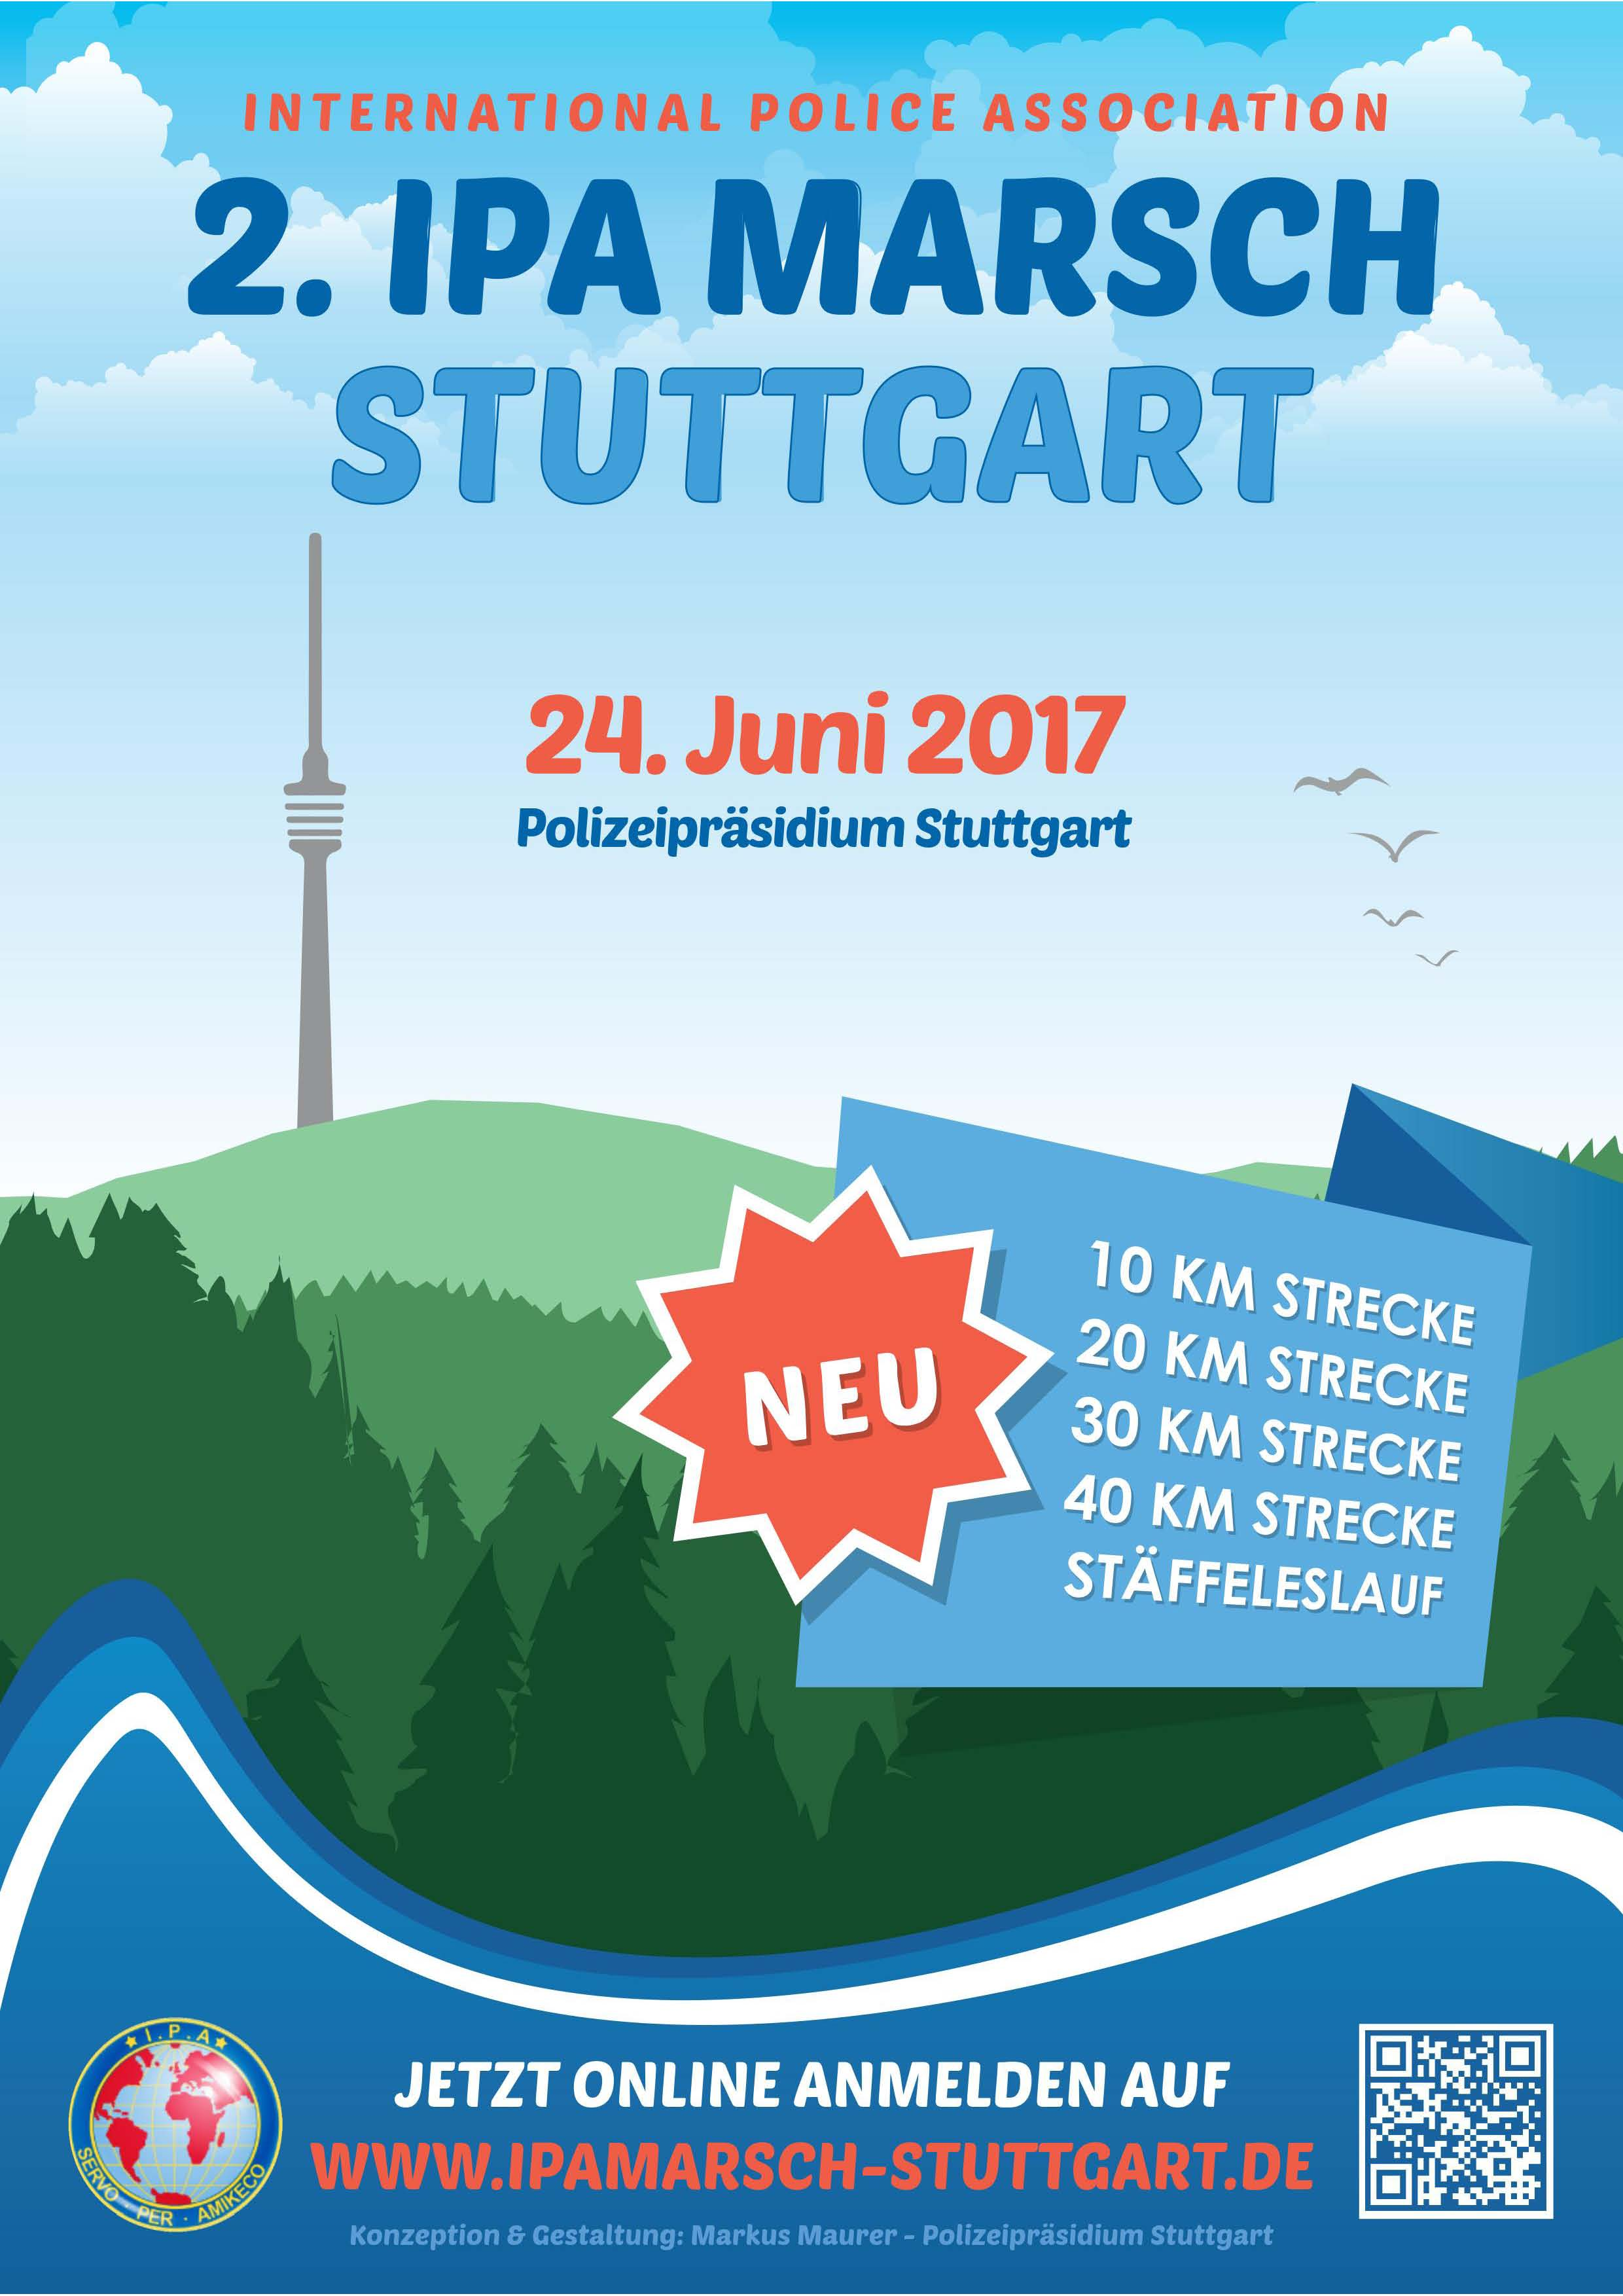 17-02-01 IPA Polizeimarsch Stuttgart 2017